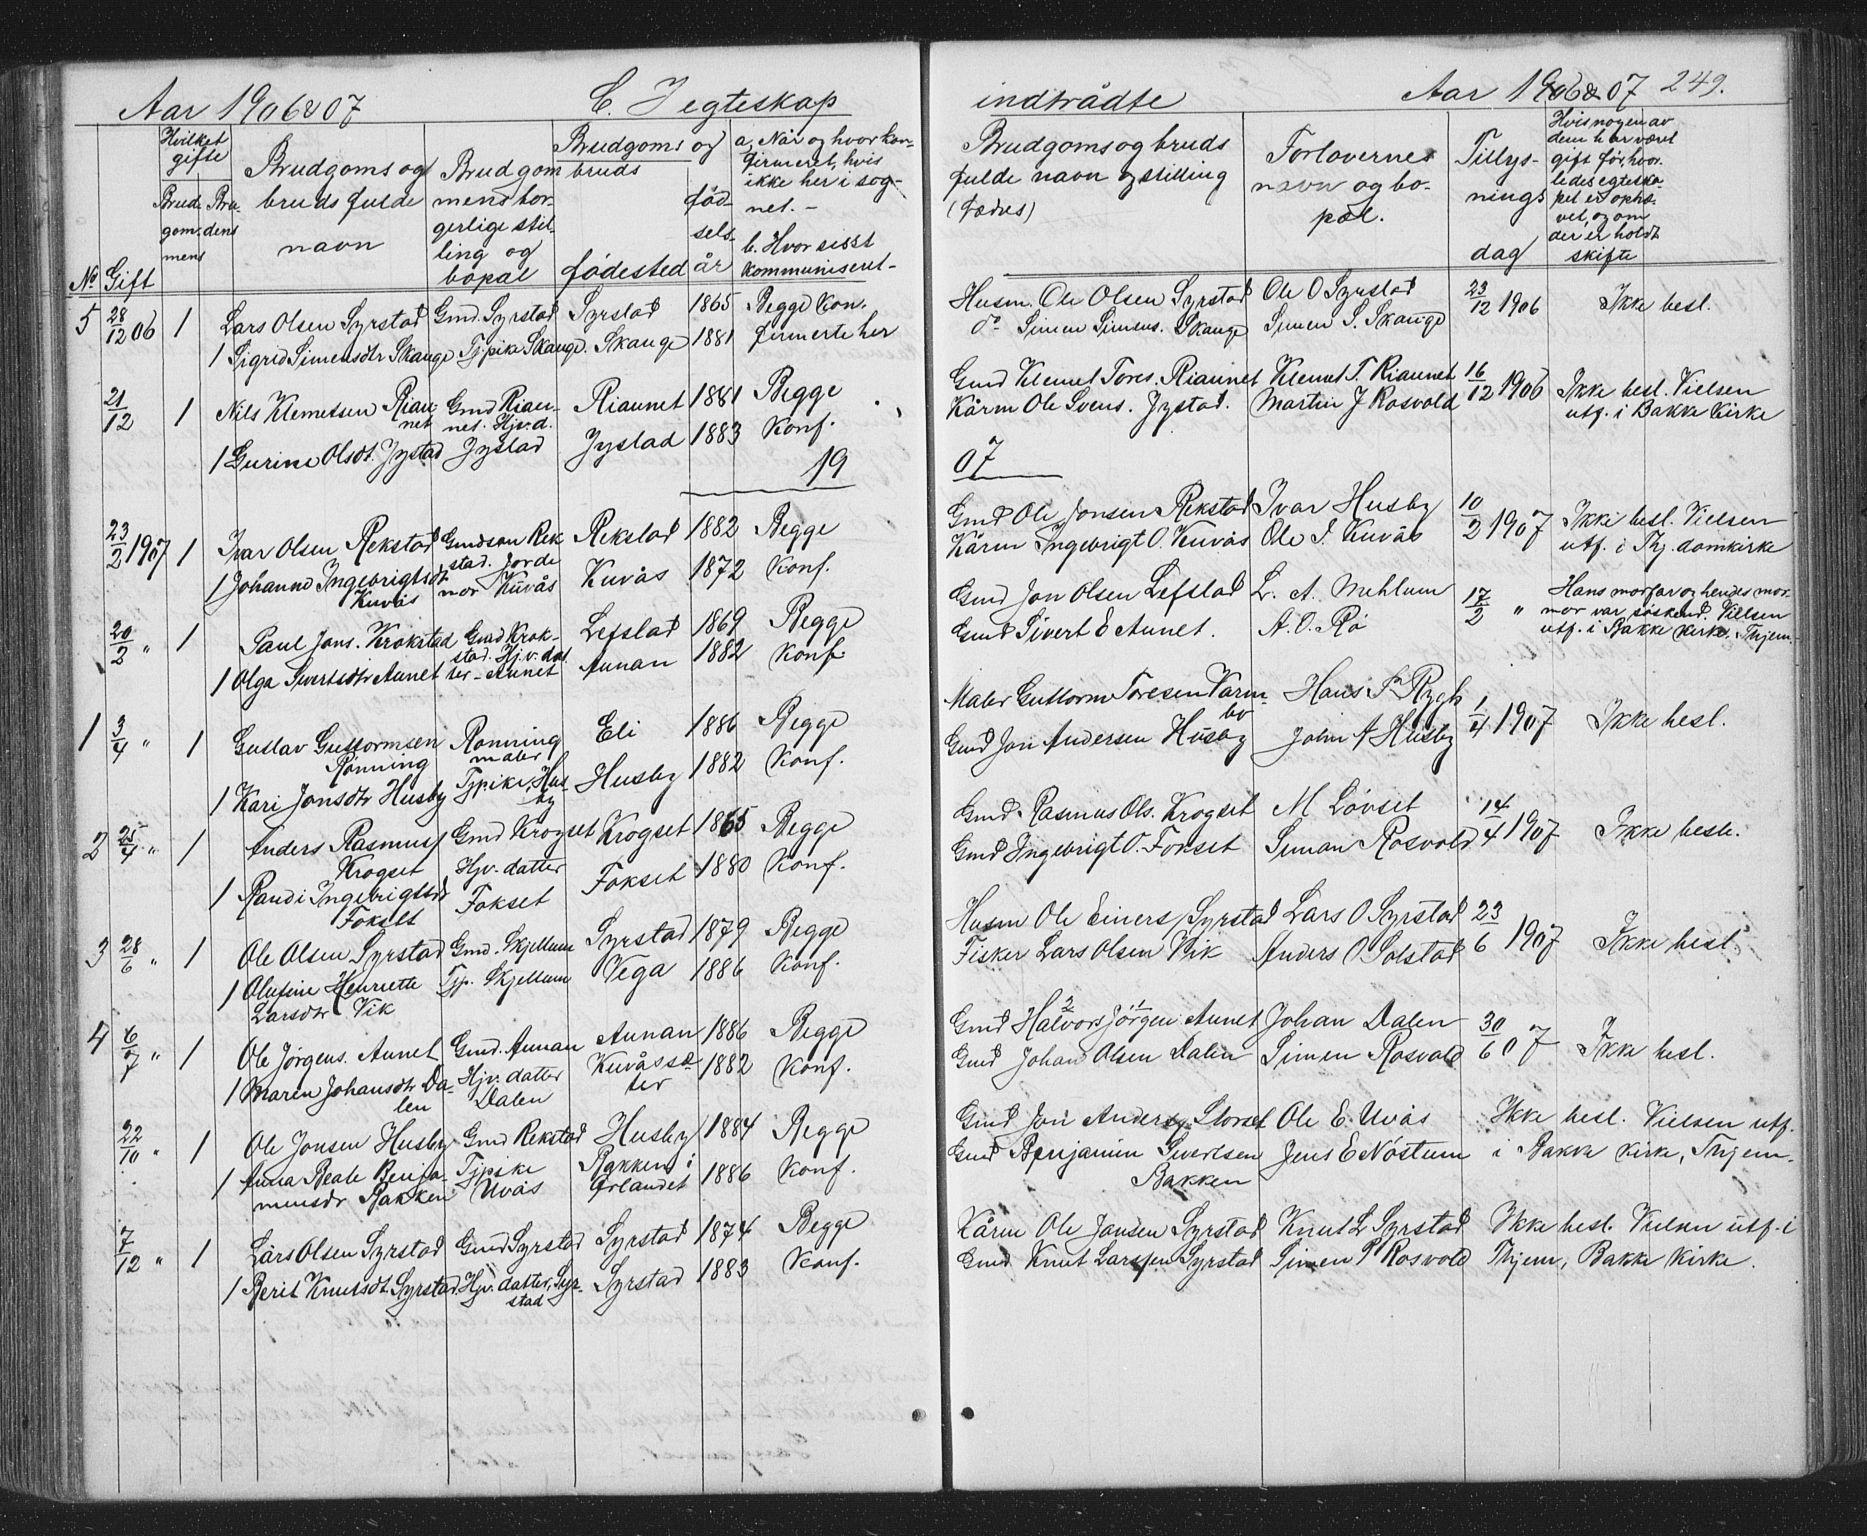 SAT, Ministerialprotokoller, klokkerbøker og fødselsregistre - Sør-Trøndelag, 667/L0798: Klokkerbok nr. 667C03, 1867-1929, s. 249